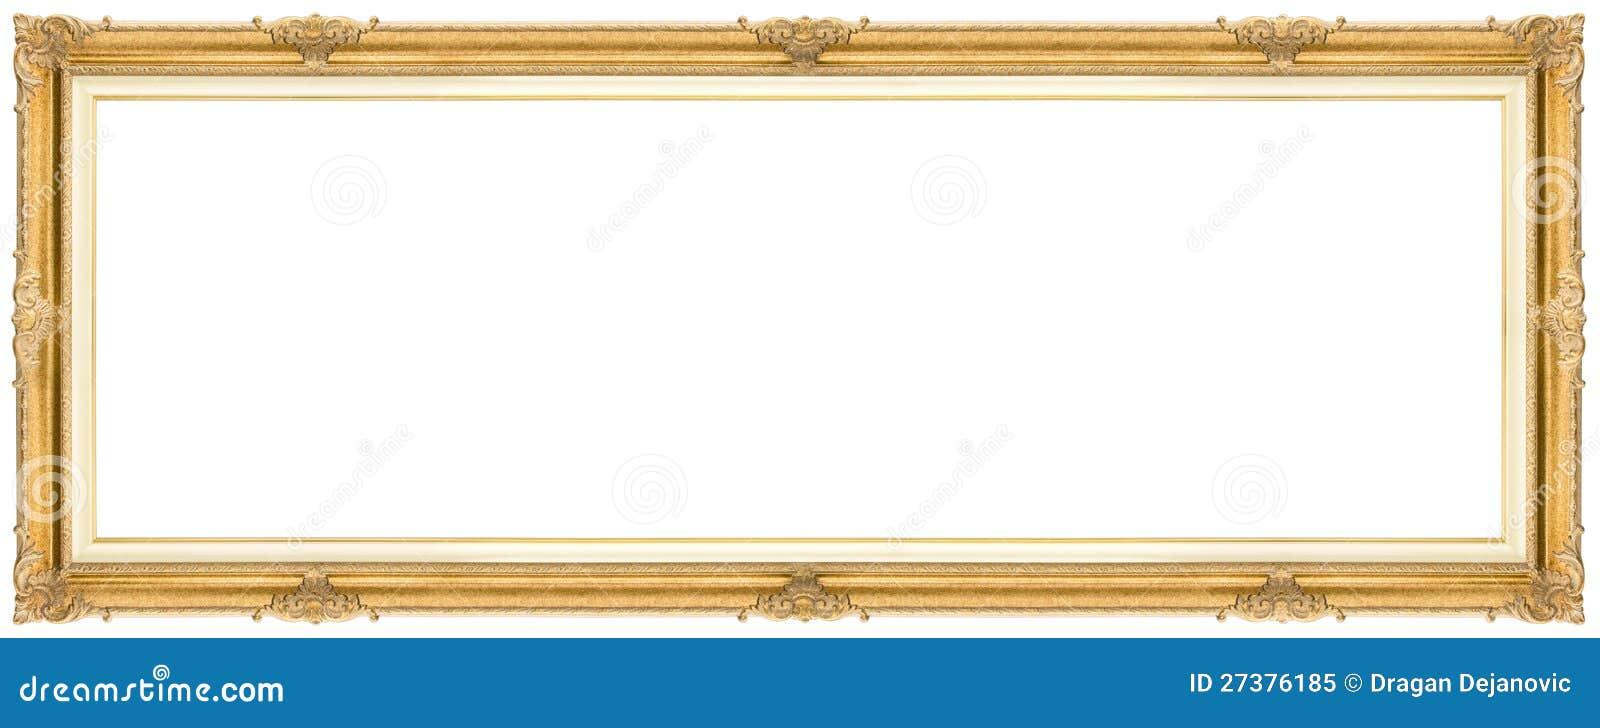 Marco de oro ancho imagen de archivo. Imagen de antigüedad - 27376185